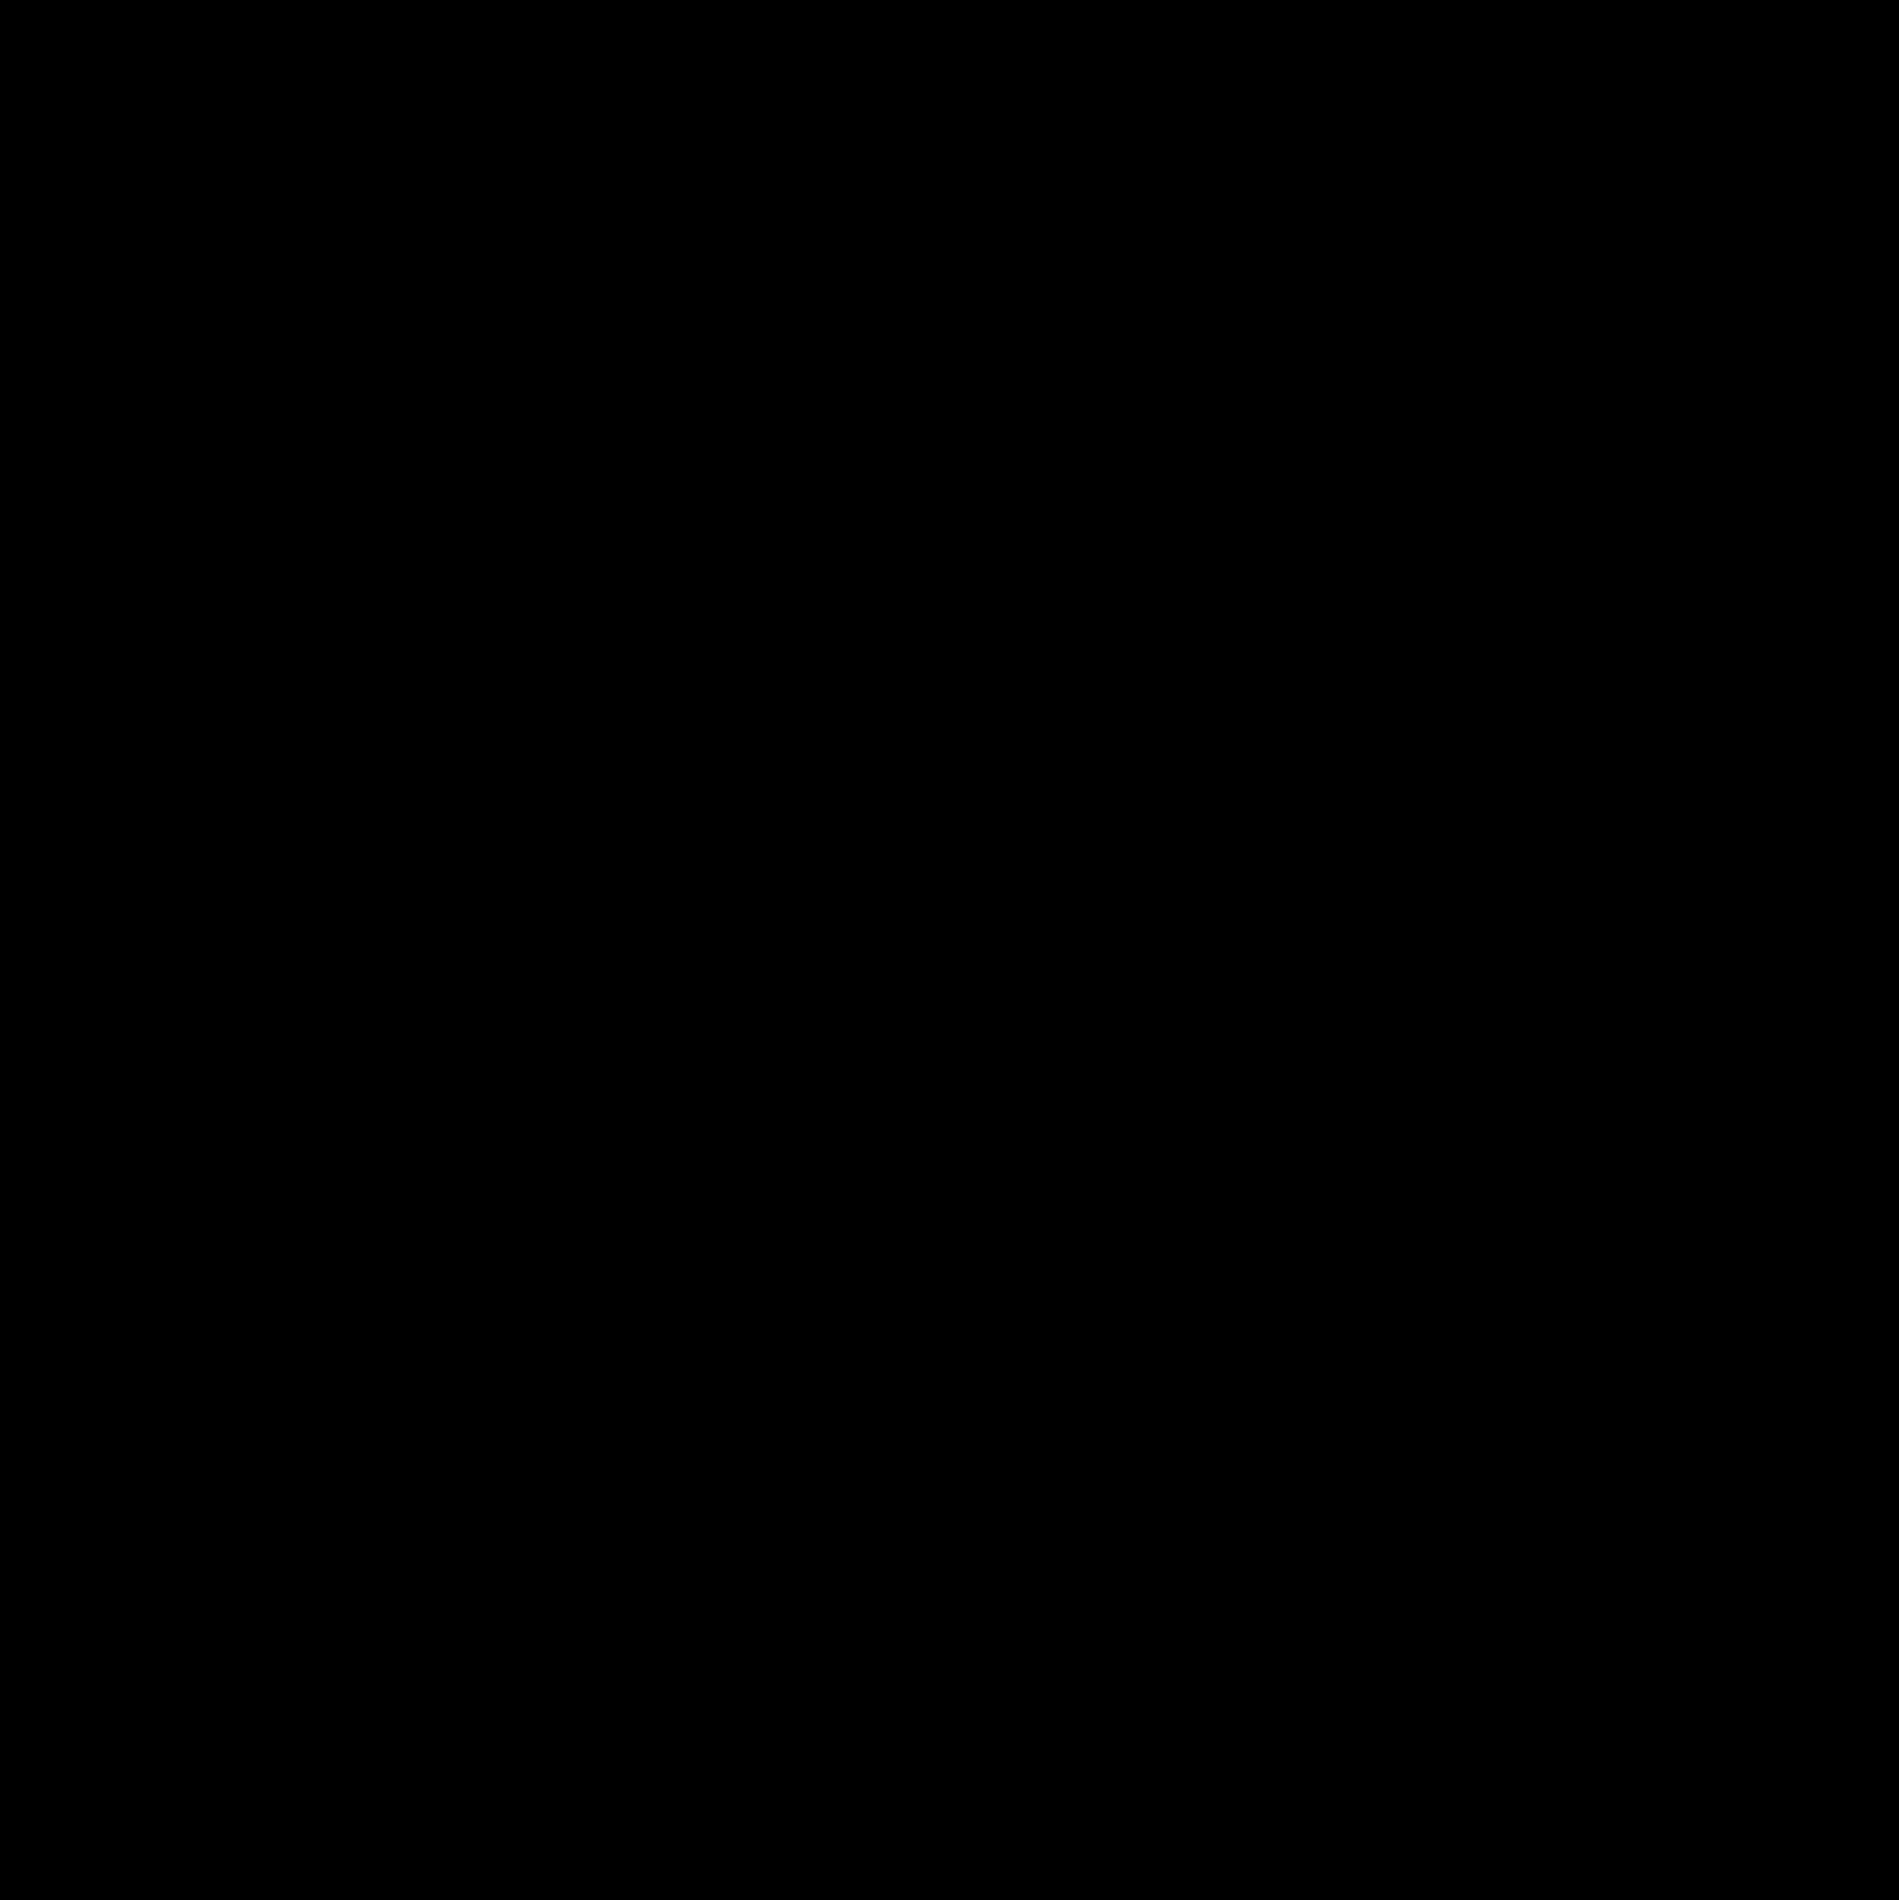 pictogram-gray